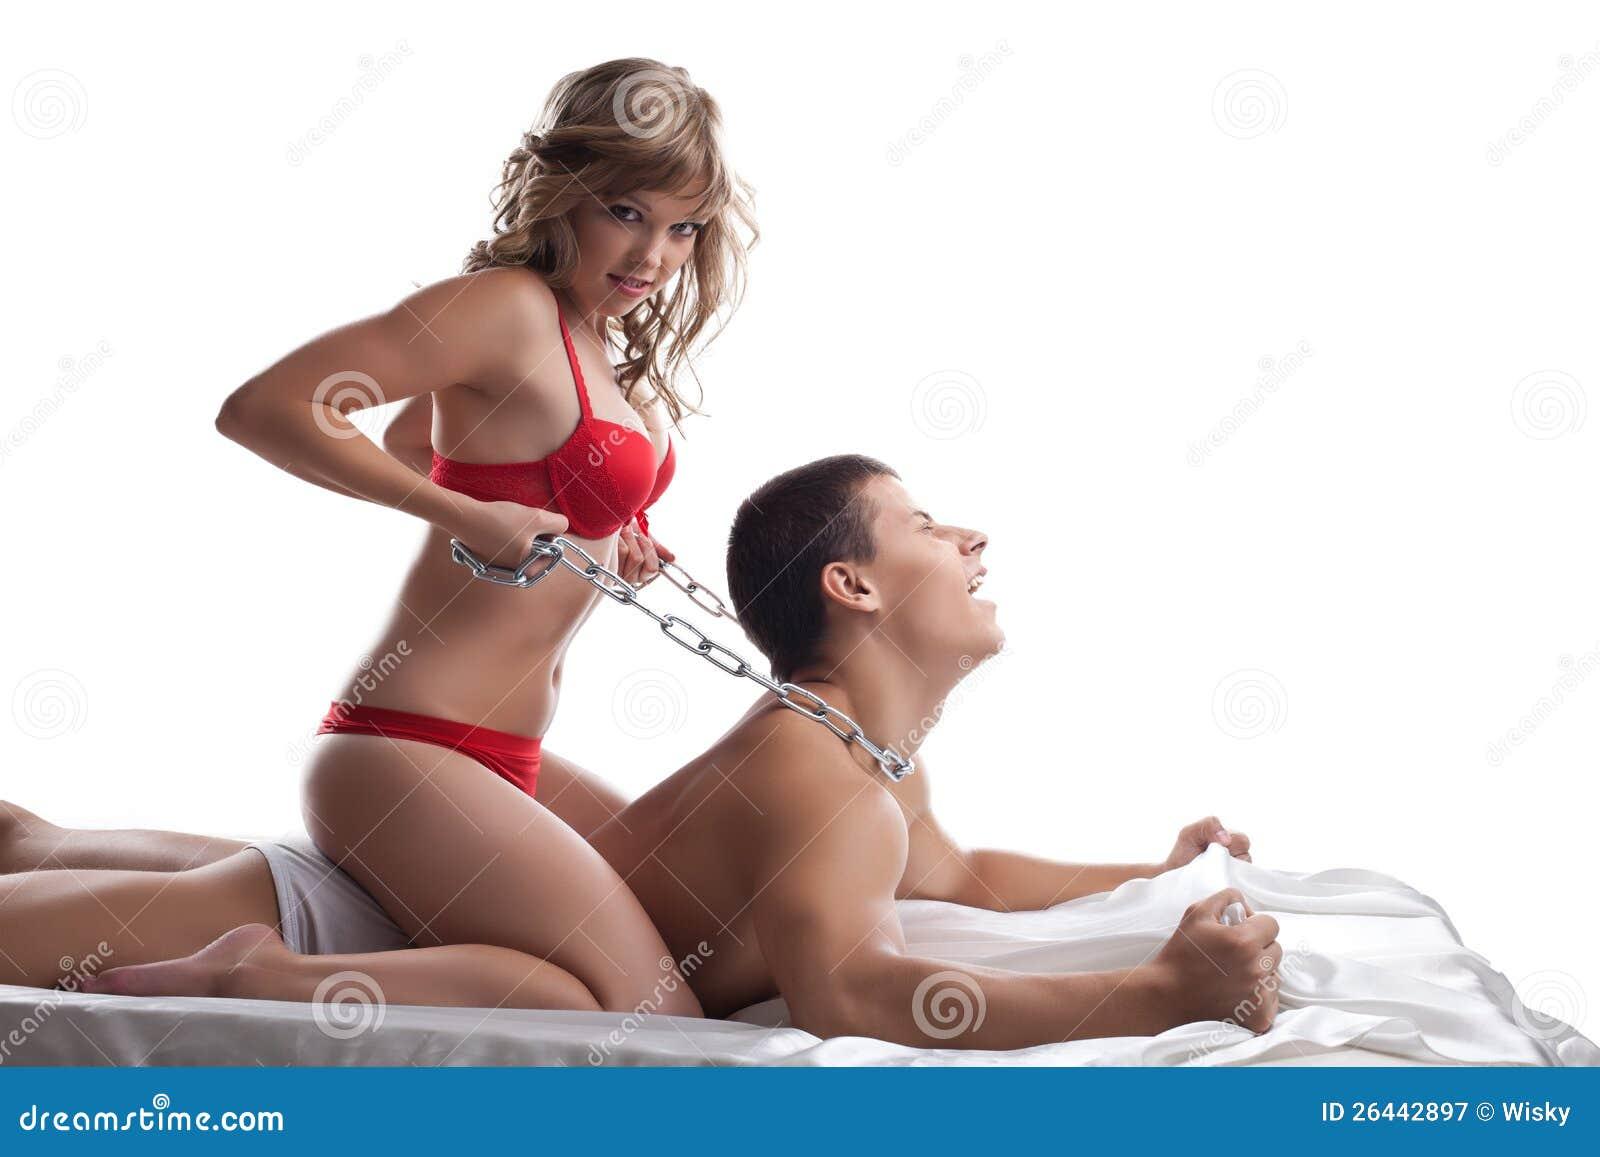 milf scopa con giovane porno italia mature